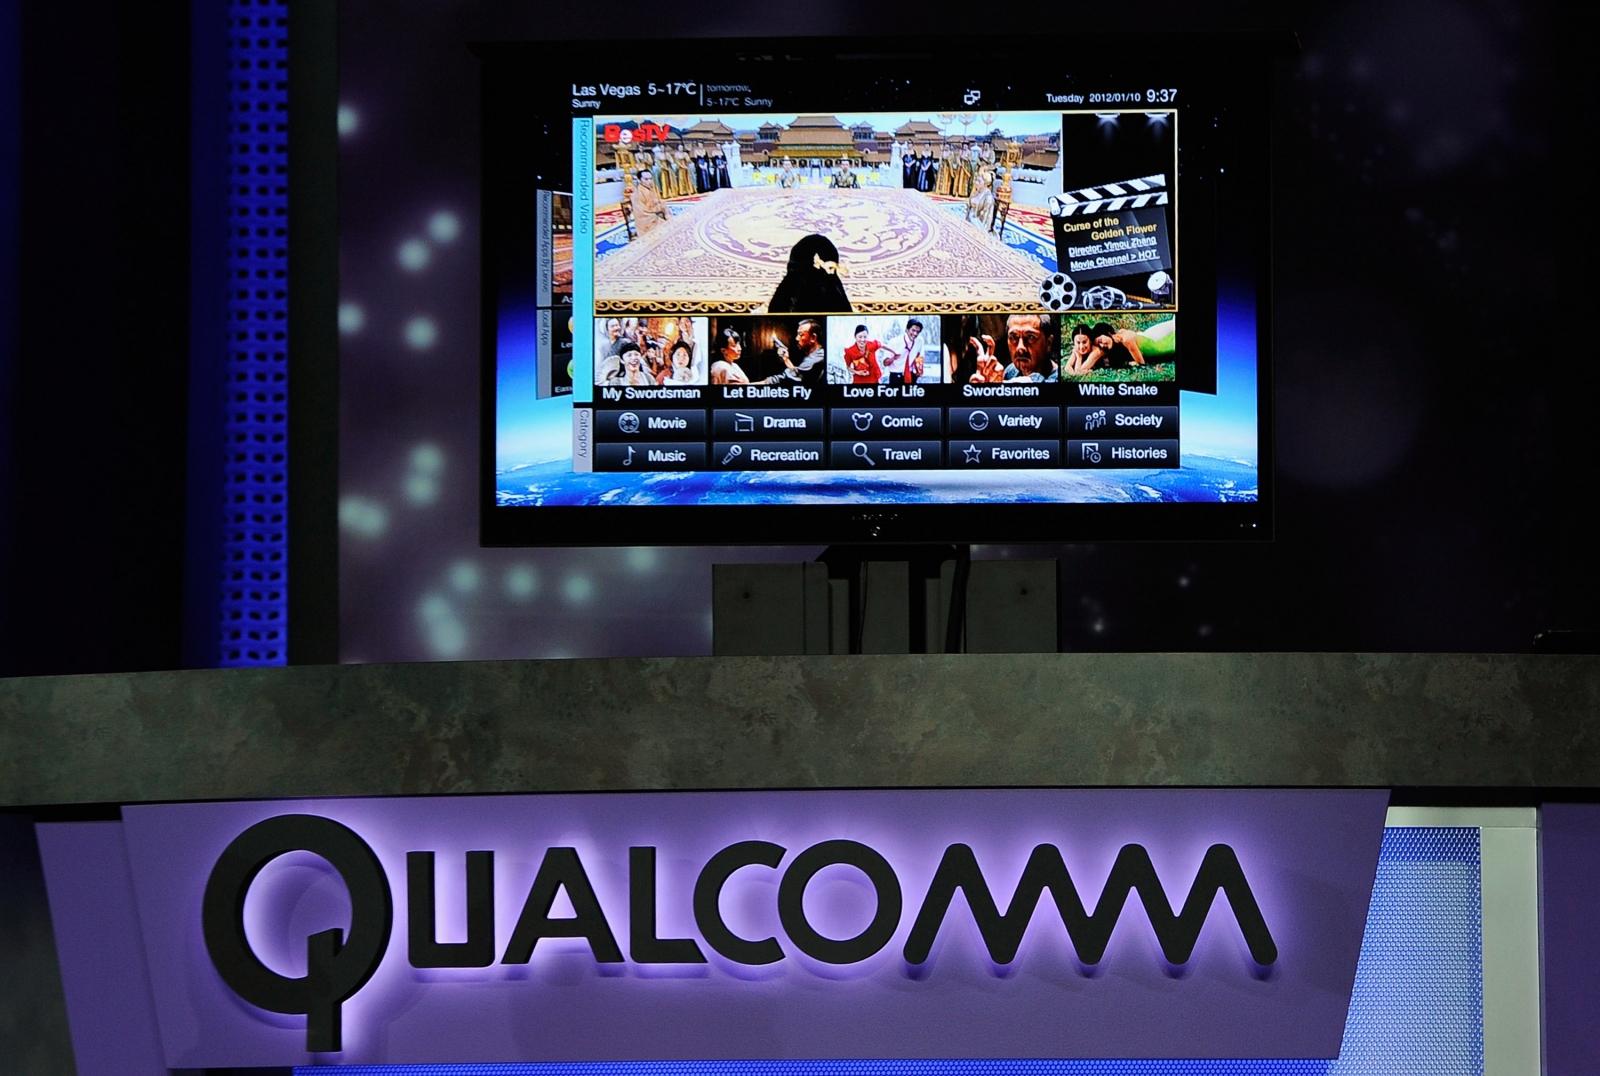 Qualcomm could face 1 trillion won fine